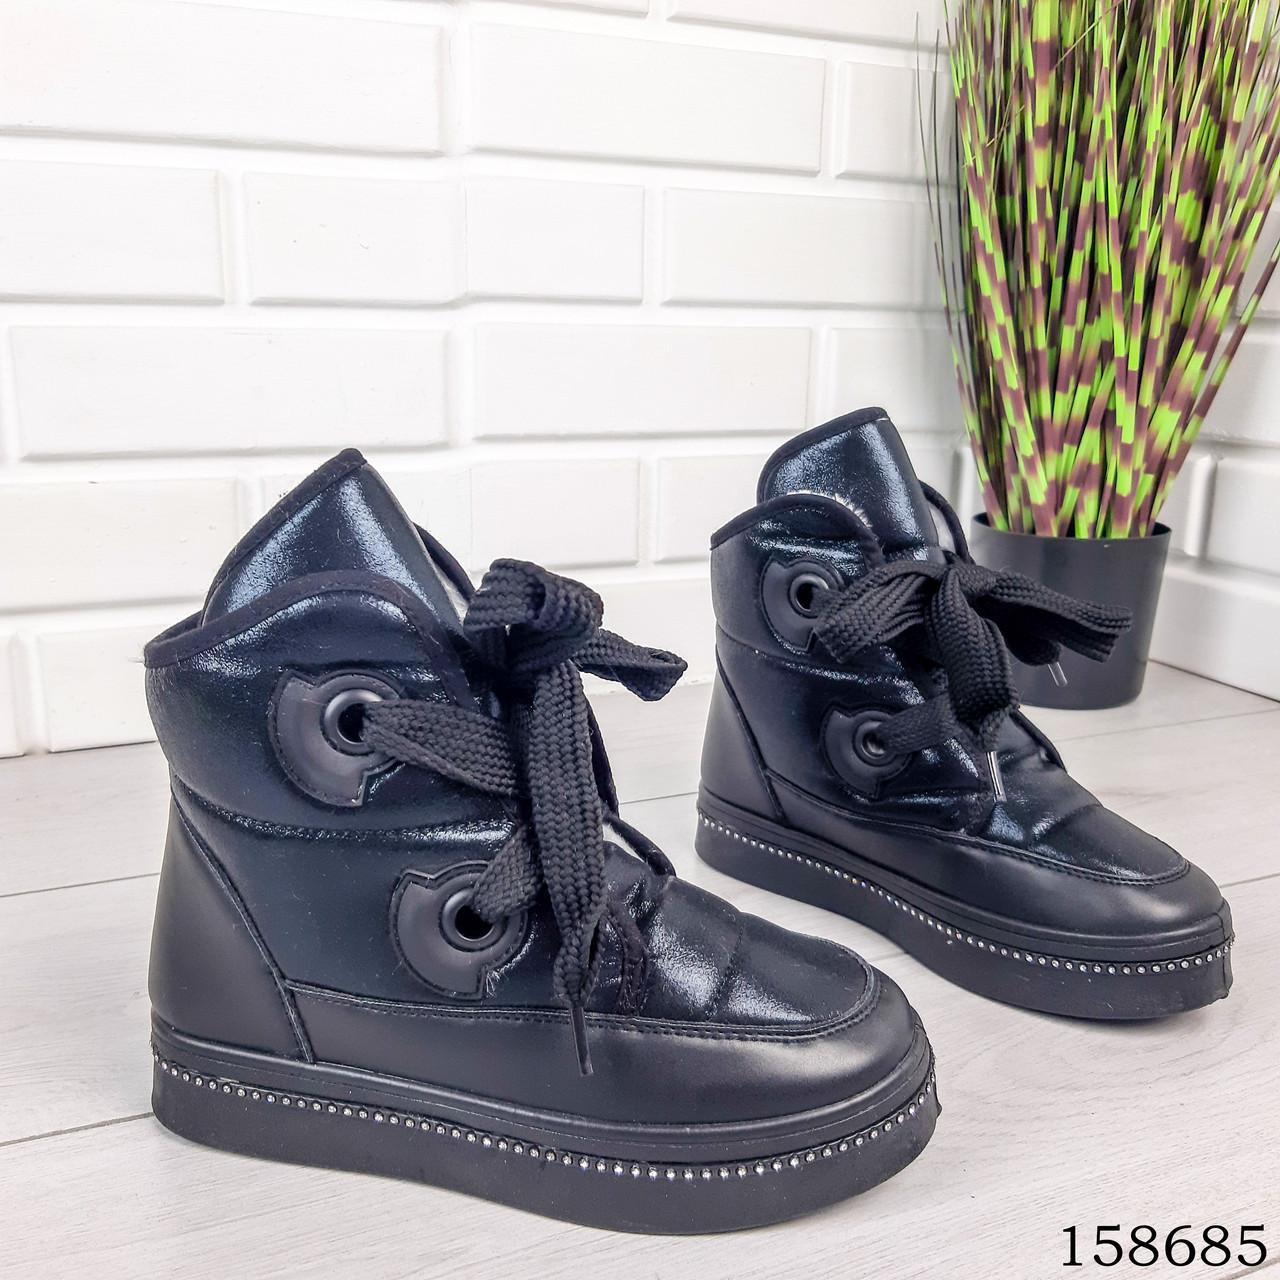 Женские ботинки зимние черного цвета из эко плащевки на широких шнурках